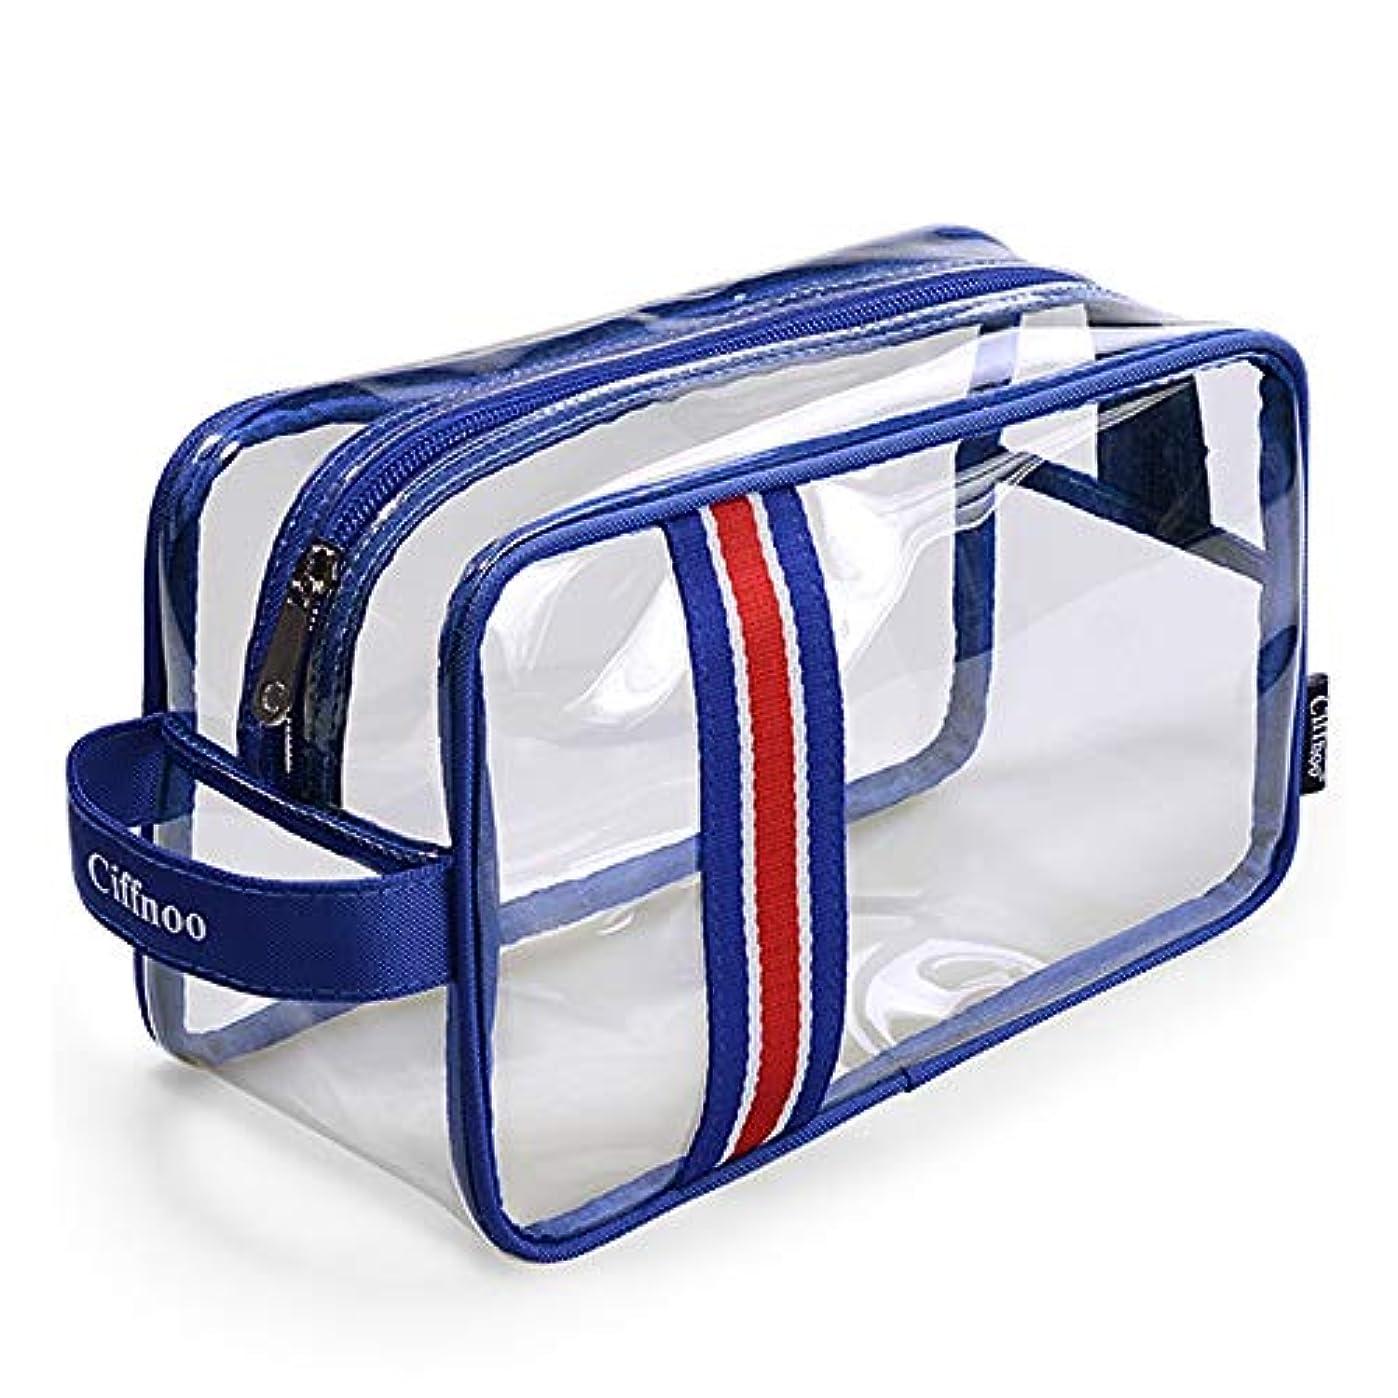 植物のつらい有料ポータブル多機能大容量男性と女性の旅行ポータブル透明防水バスバッグ入浴バスバッグ,S